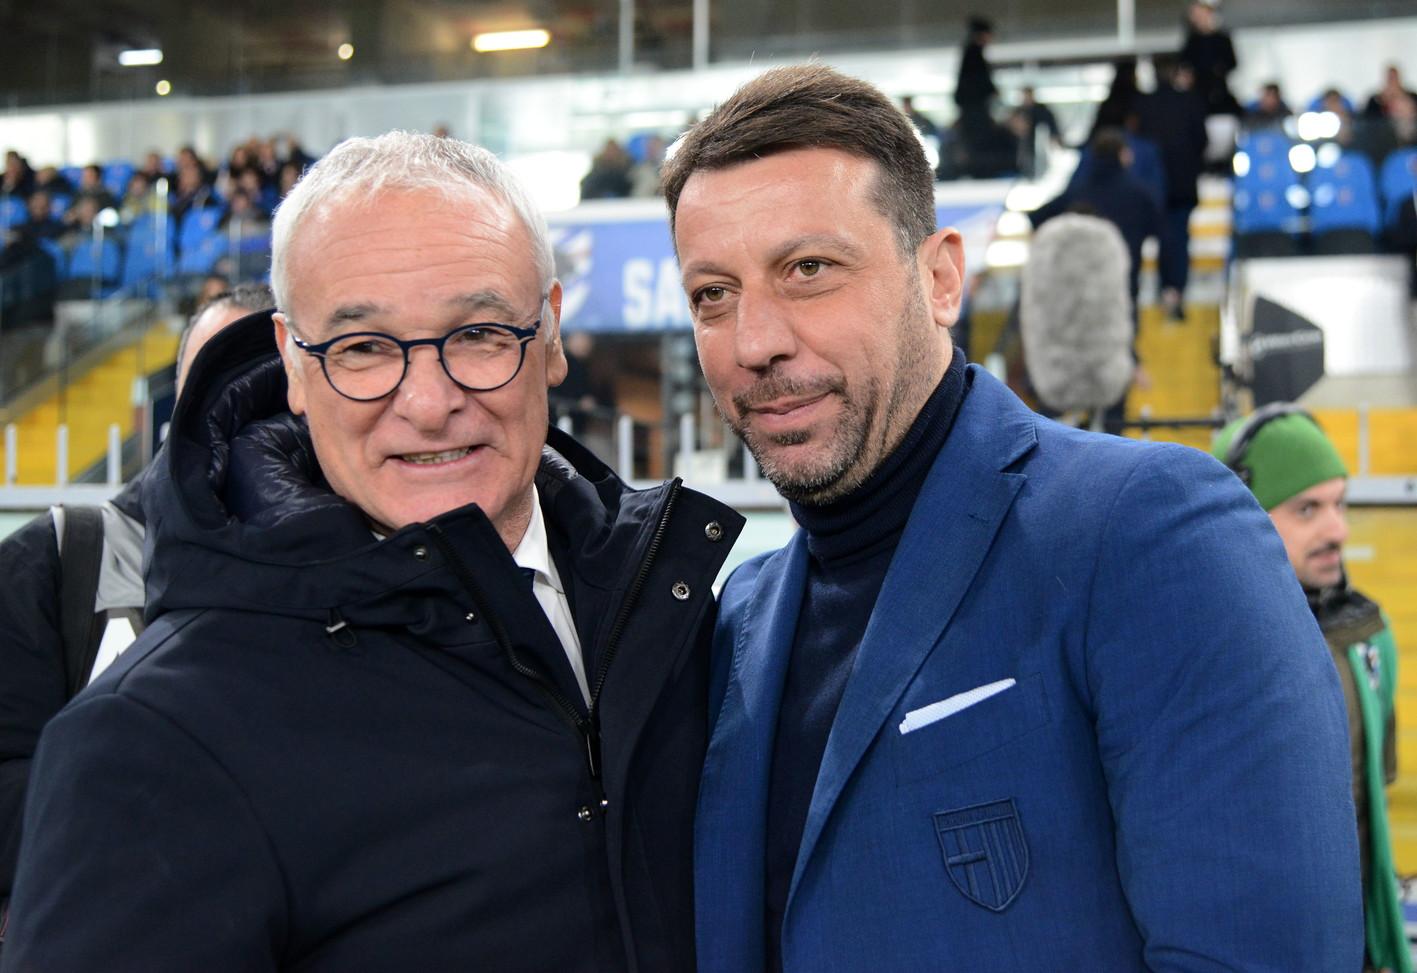 Nel posticipo delle 18 della 15esima giornata di Serie A il Parma espugna 1-0 il campo della Sampdoria e aggancia il Napoli a quota 21 in classifica. A Marassi decide il gol di testa a met&agrave; del primo tempo di Kucka, nella ripresa annullato il pareggio di Quagliarella col VAR dopo che l&#39;attaccante si era fatto respingere un rigore da Sepe.&nbsp;<br /><br />